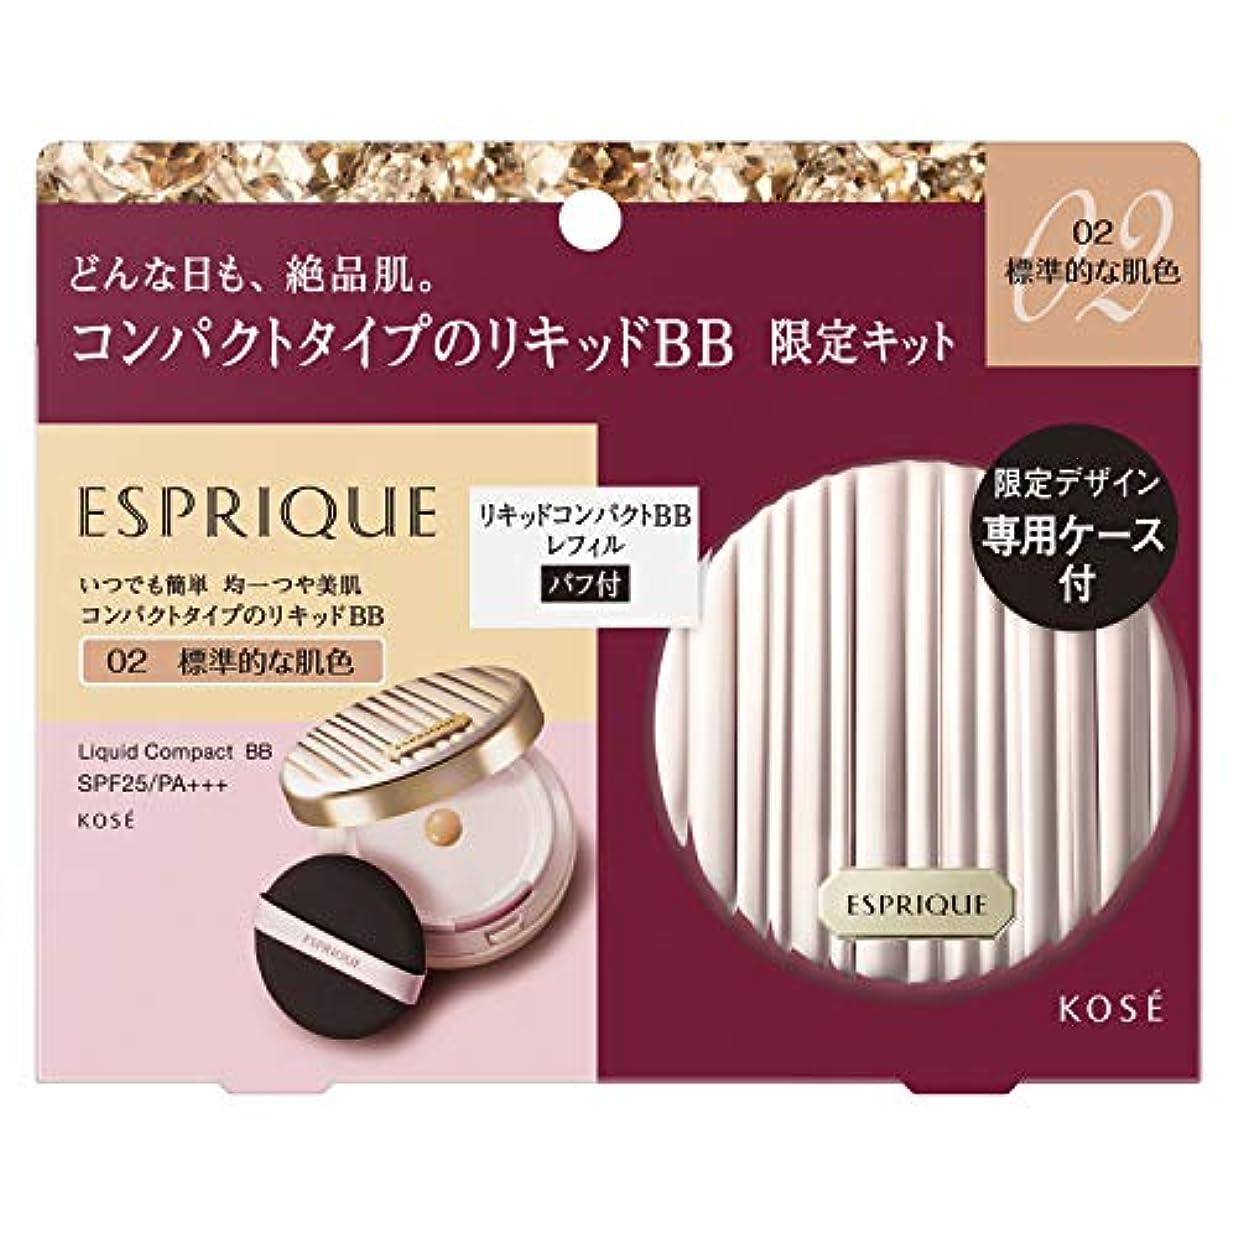 見てに対応ヘルシーESPRIQUE(エスプリーク) エスプリーク リキッド コンパクト BB 限定キット 2 BBクリーム 02 標準的な肌色 セット 13g+ケース付き